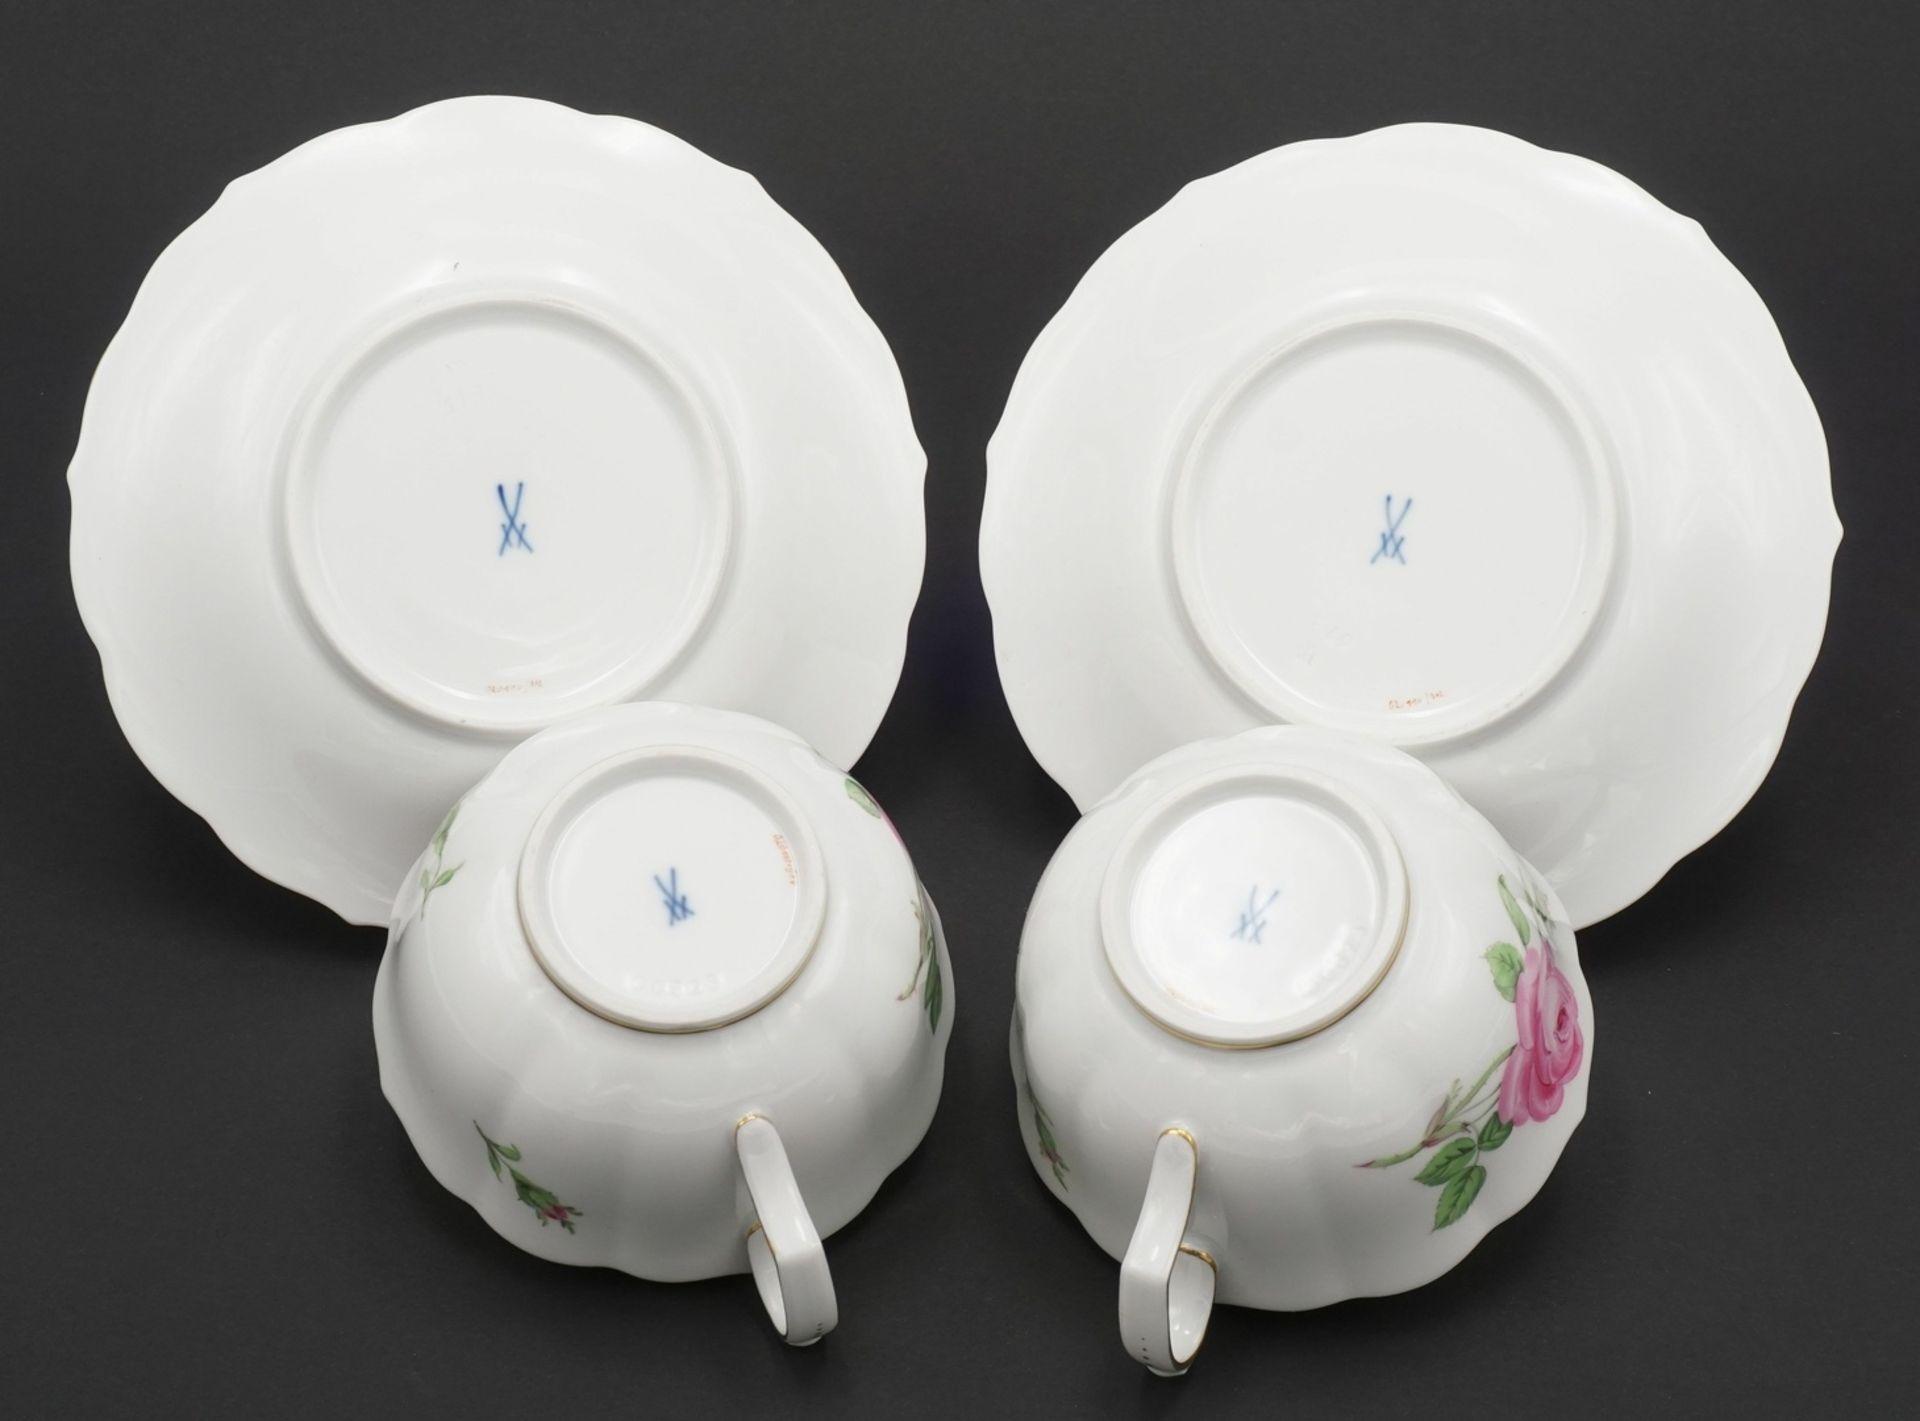 Zwei Meissen Teetassen mit Roter Rose - Bild 3 aus 3